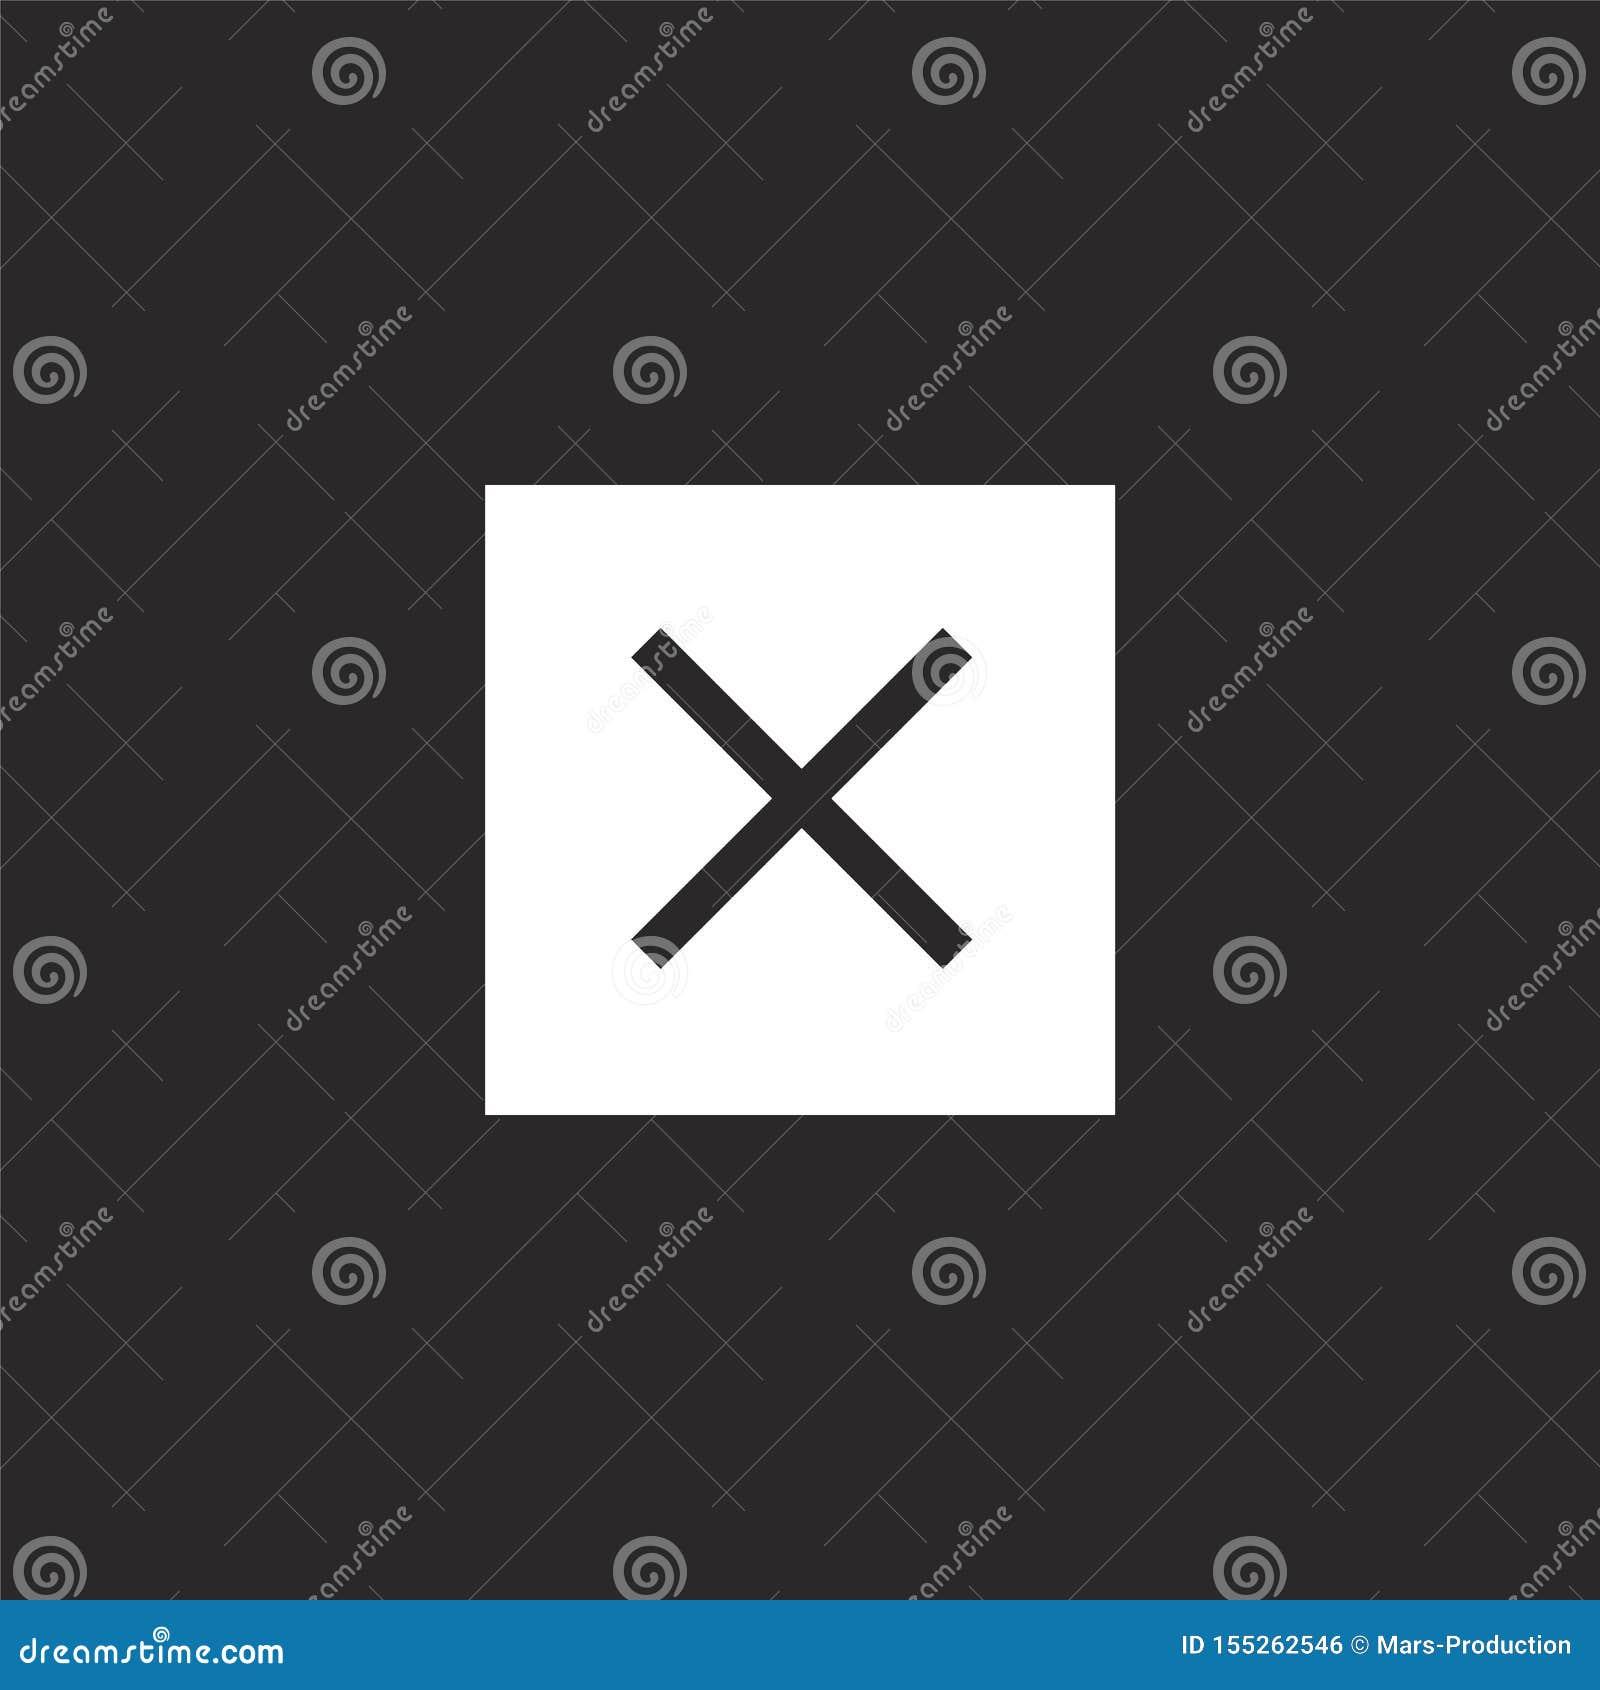 πολλαπλασιάστε το εικονίδιο Γεμισμένος πολλαπλασιάστε το εικονίδιο για το σχέδιο ιστοχώρου και κινητός, app ανάπτυξη πολλαπλασιάσ